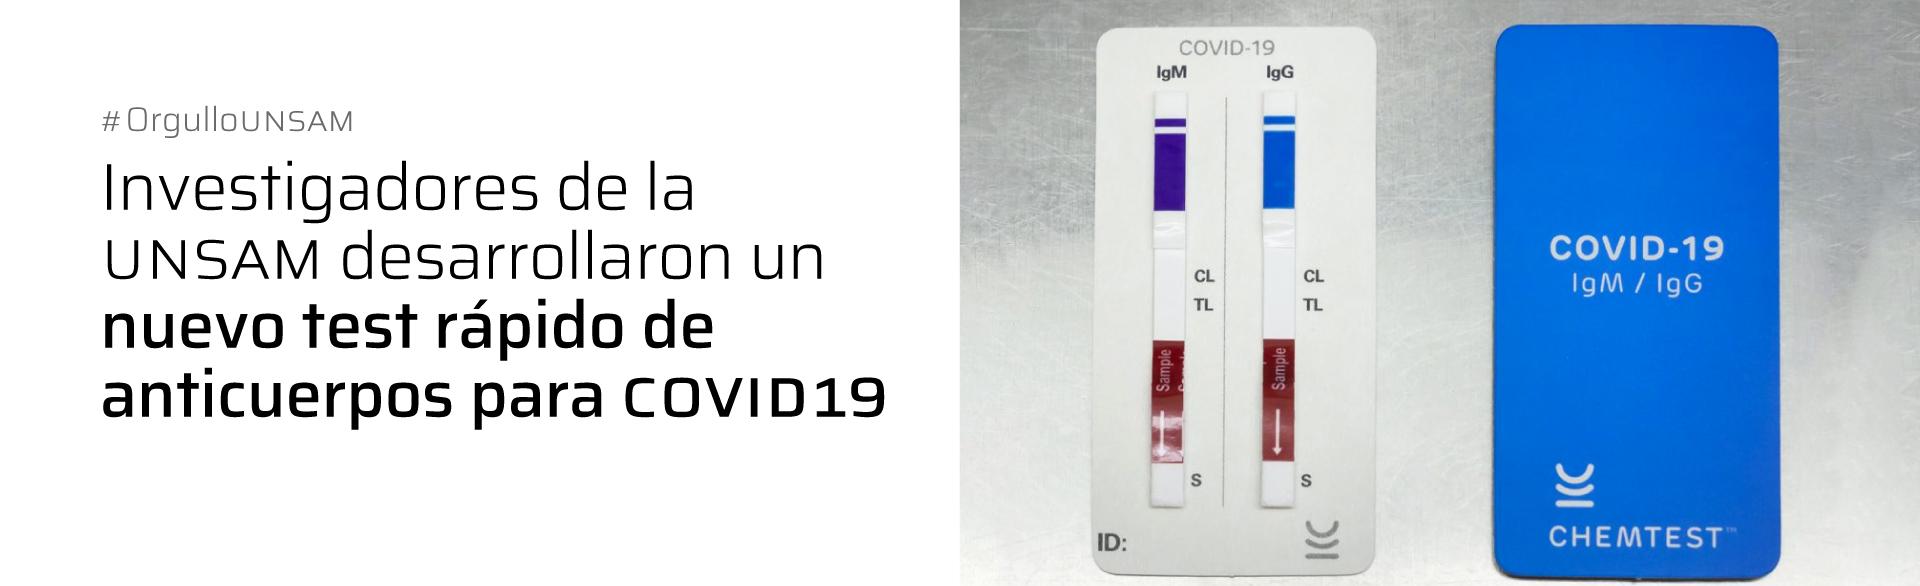 INVESTIGADORES DE LA UNSAM DESARROLLARON UN NUEVO TEST RÁPIDO DE ANTICUERPOS PARA COVID19